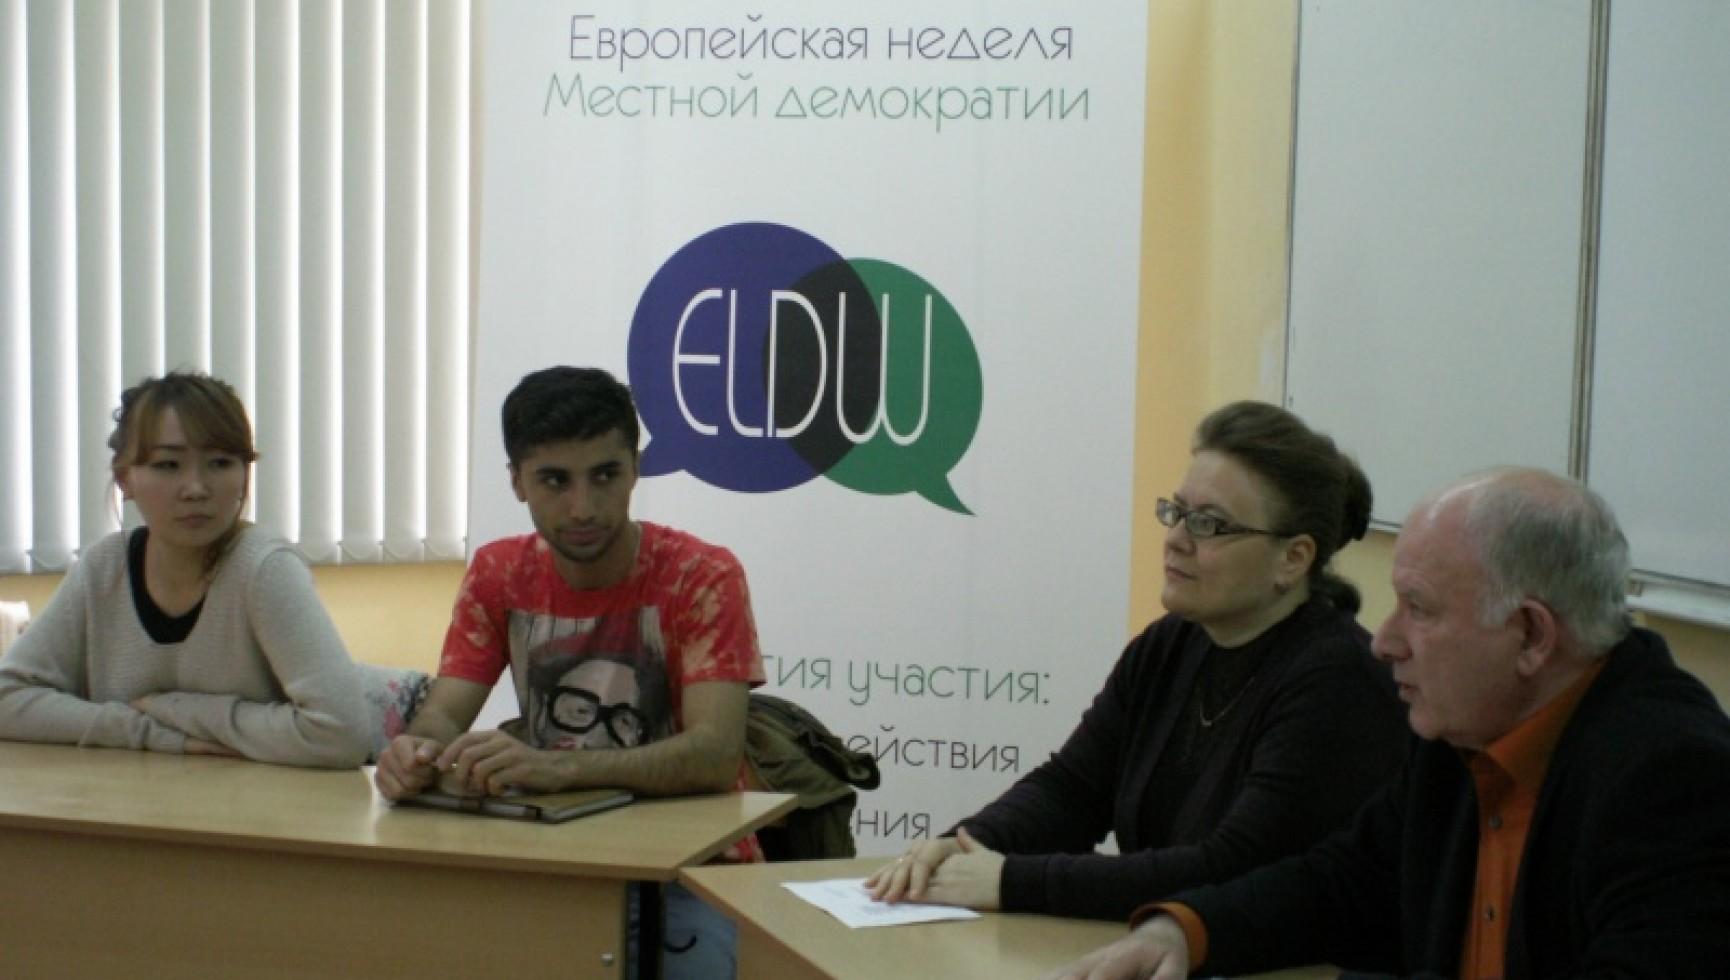 «Демократия участия: совместные действия, предложения, решения»